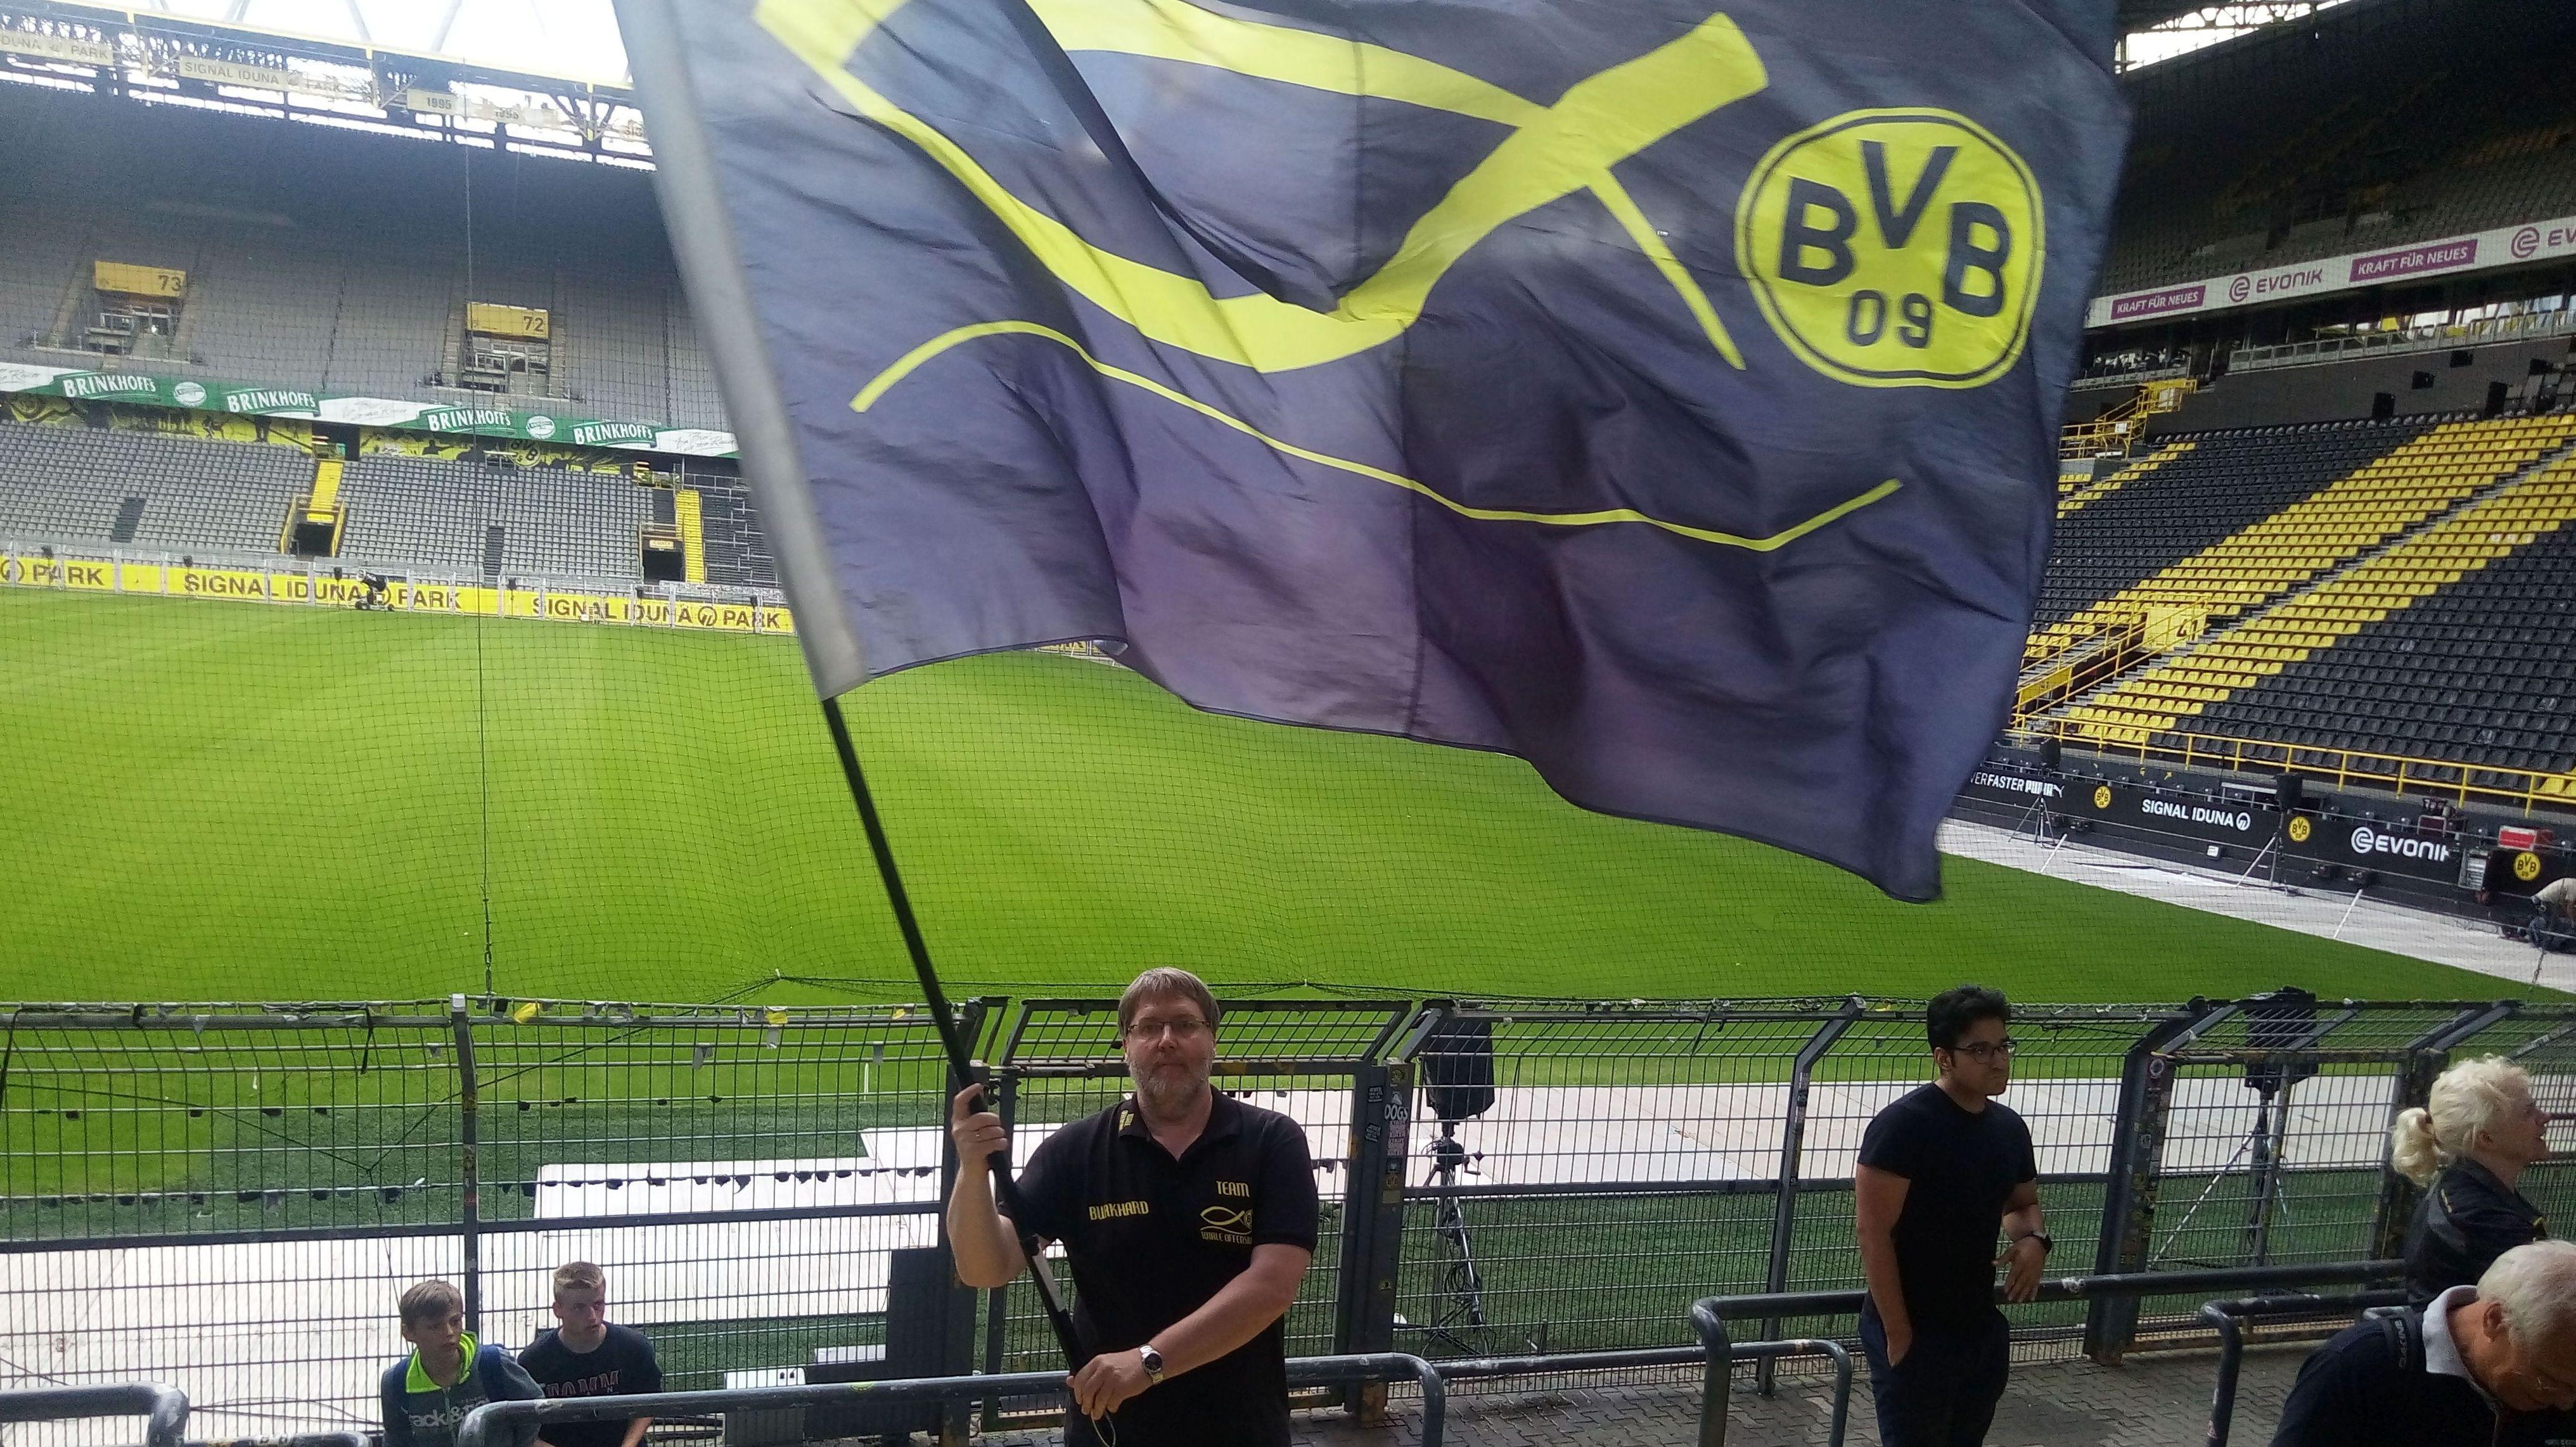 """Pfarrer Burkhard Kurz vom christlichen BVB-Fanclub """"Totale Offensive"""" bei seiner Lieblingsbeschäftigung."""